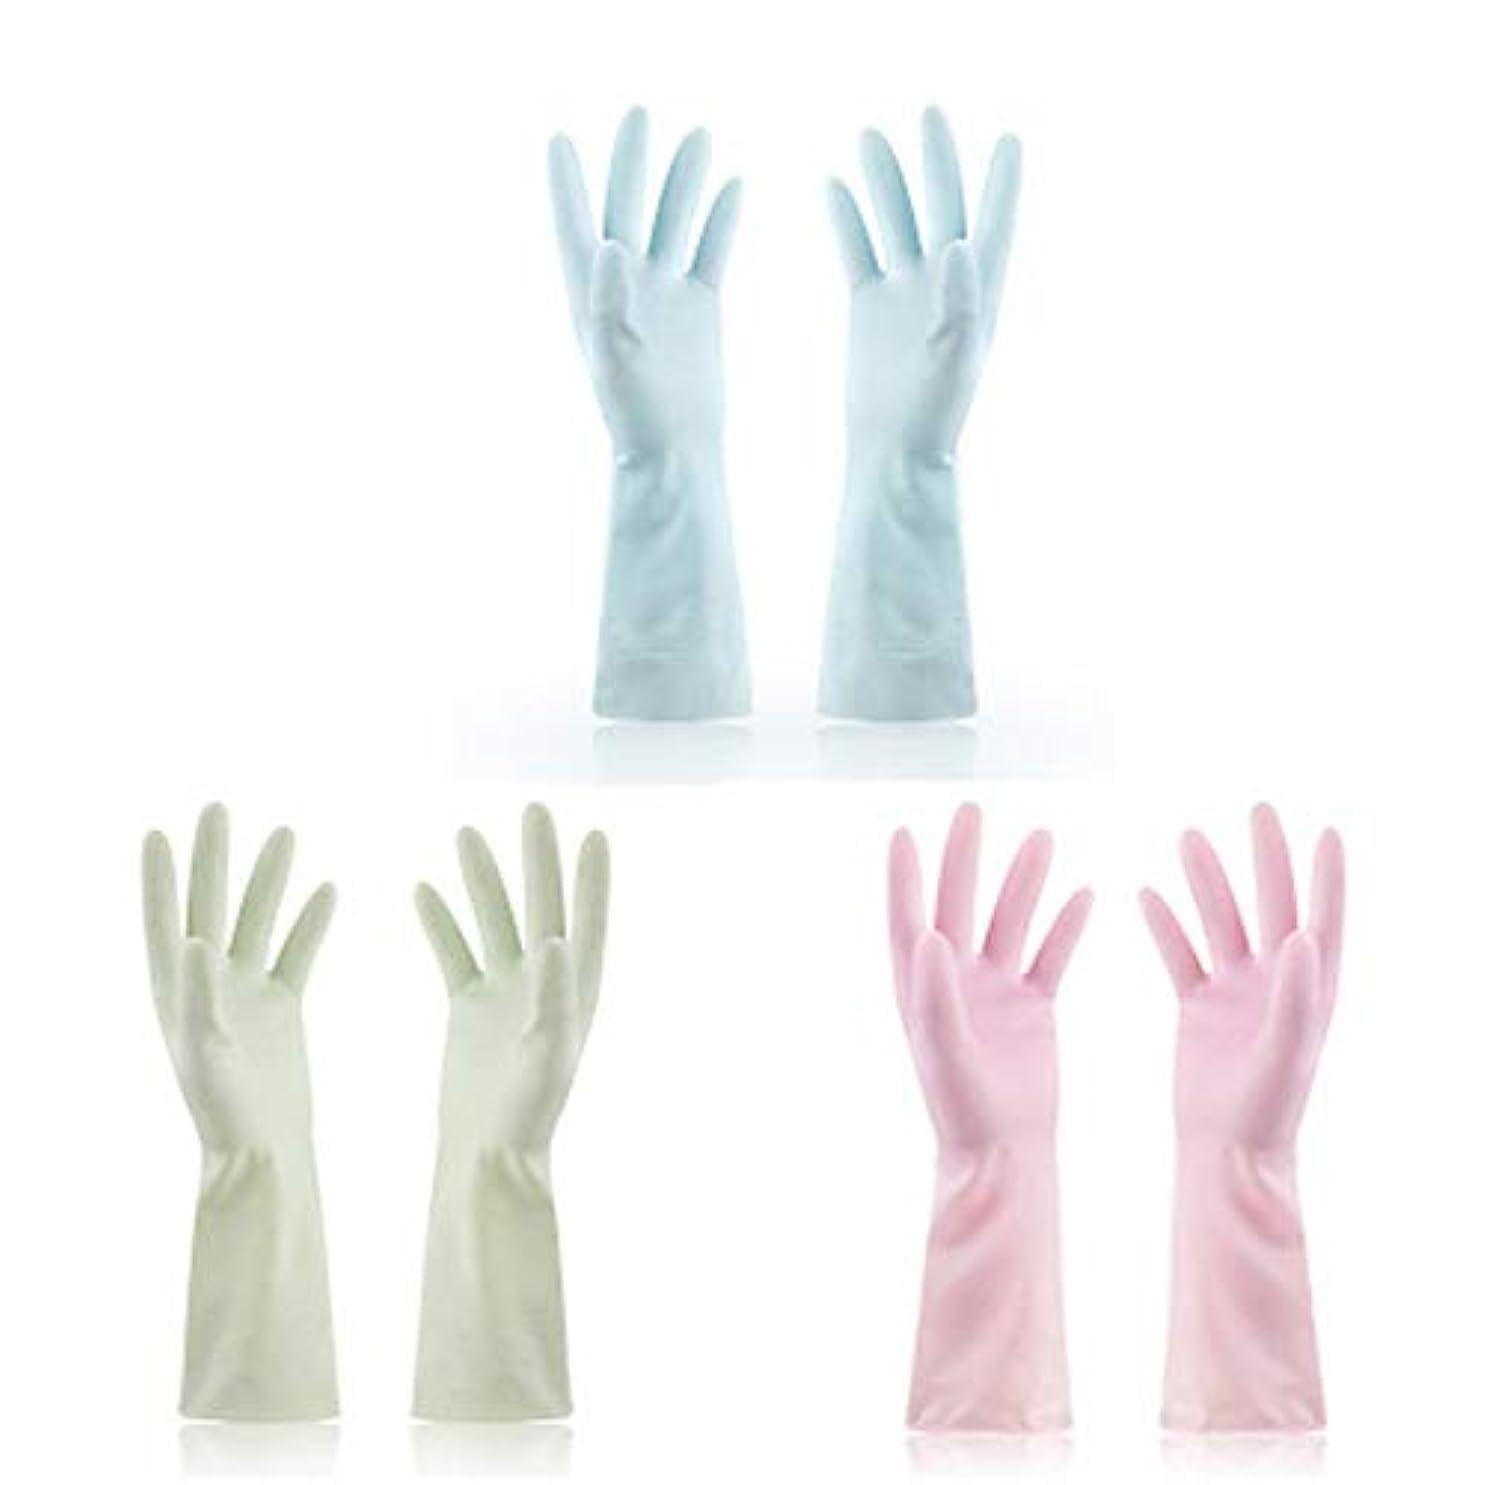 ランドマーク野菜ウミウシ使い捨て手袋 使い捨て手袋防水ラテックス焦げ付き防止ゴム製ゴム製台所手袋、3組 ニトリルゴム手袋 (Color : Multi-colored, Size : M)